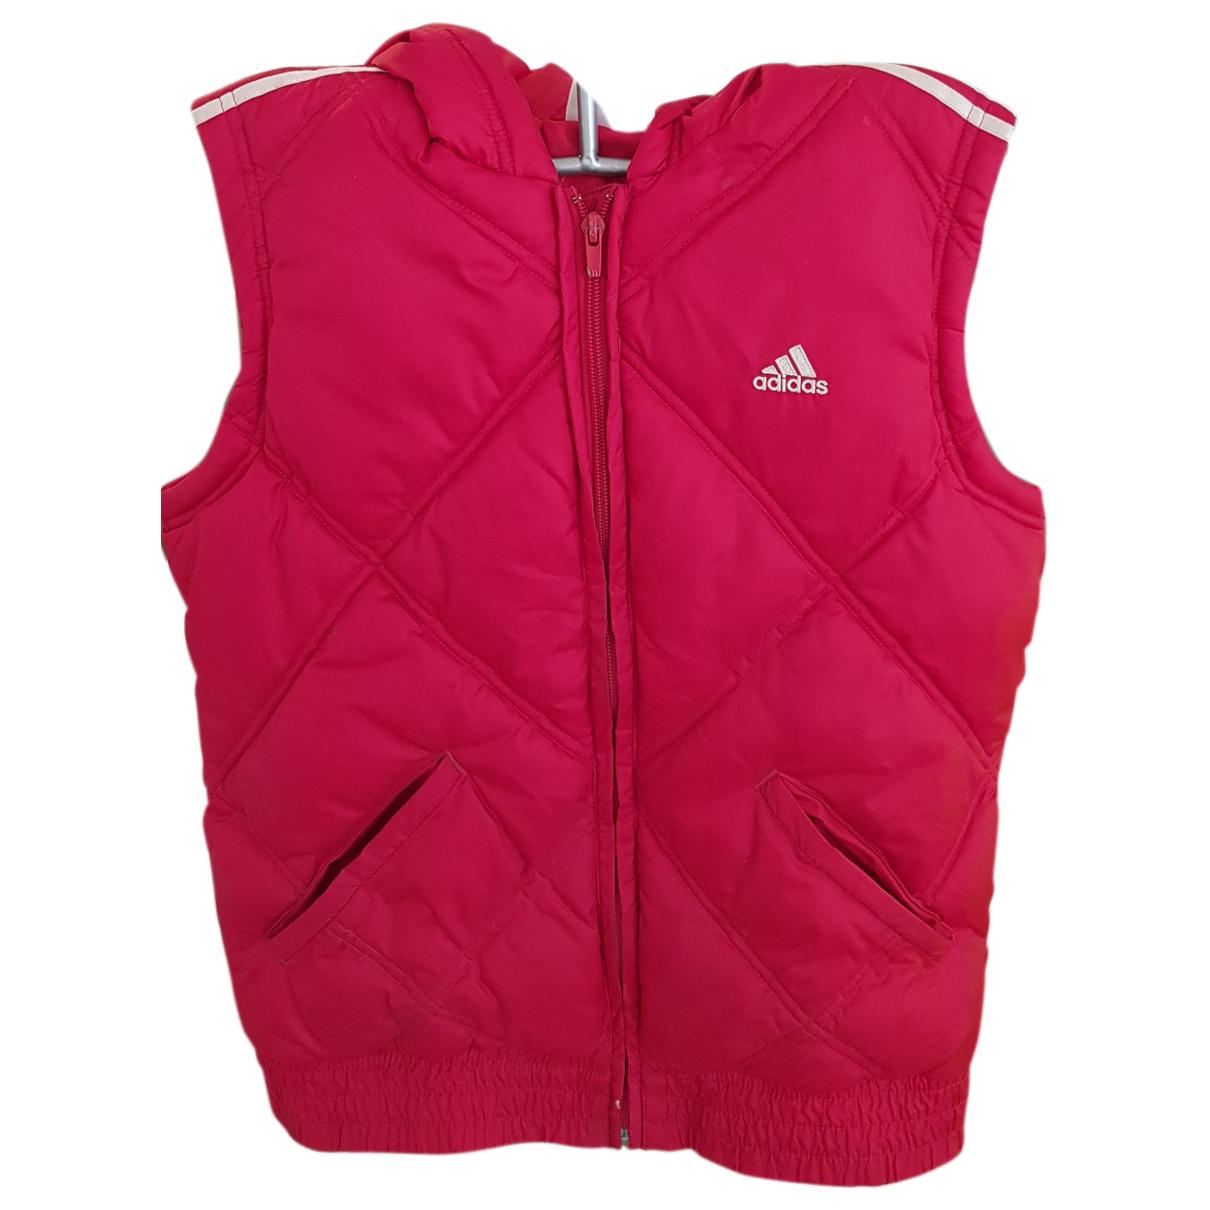 Adidas - Veste   pour femme - rouge